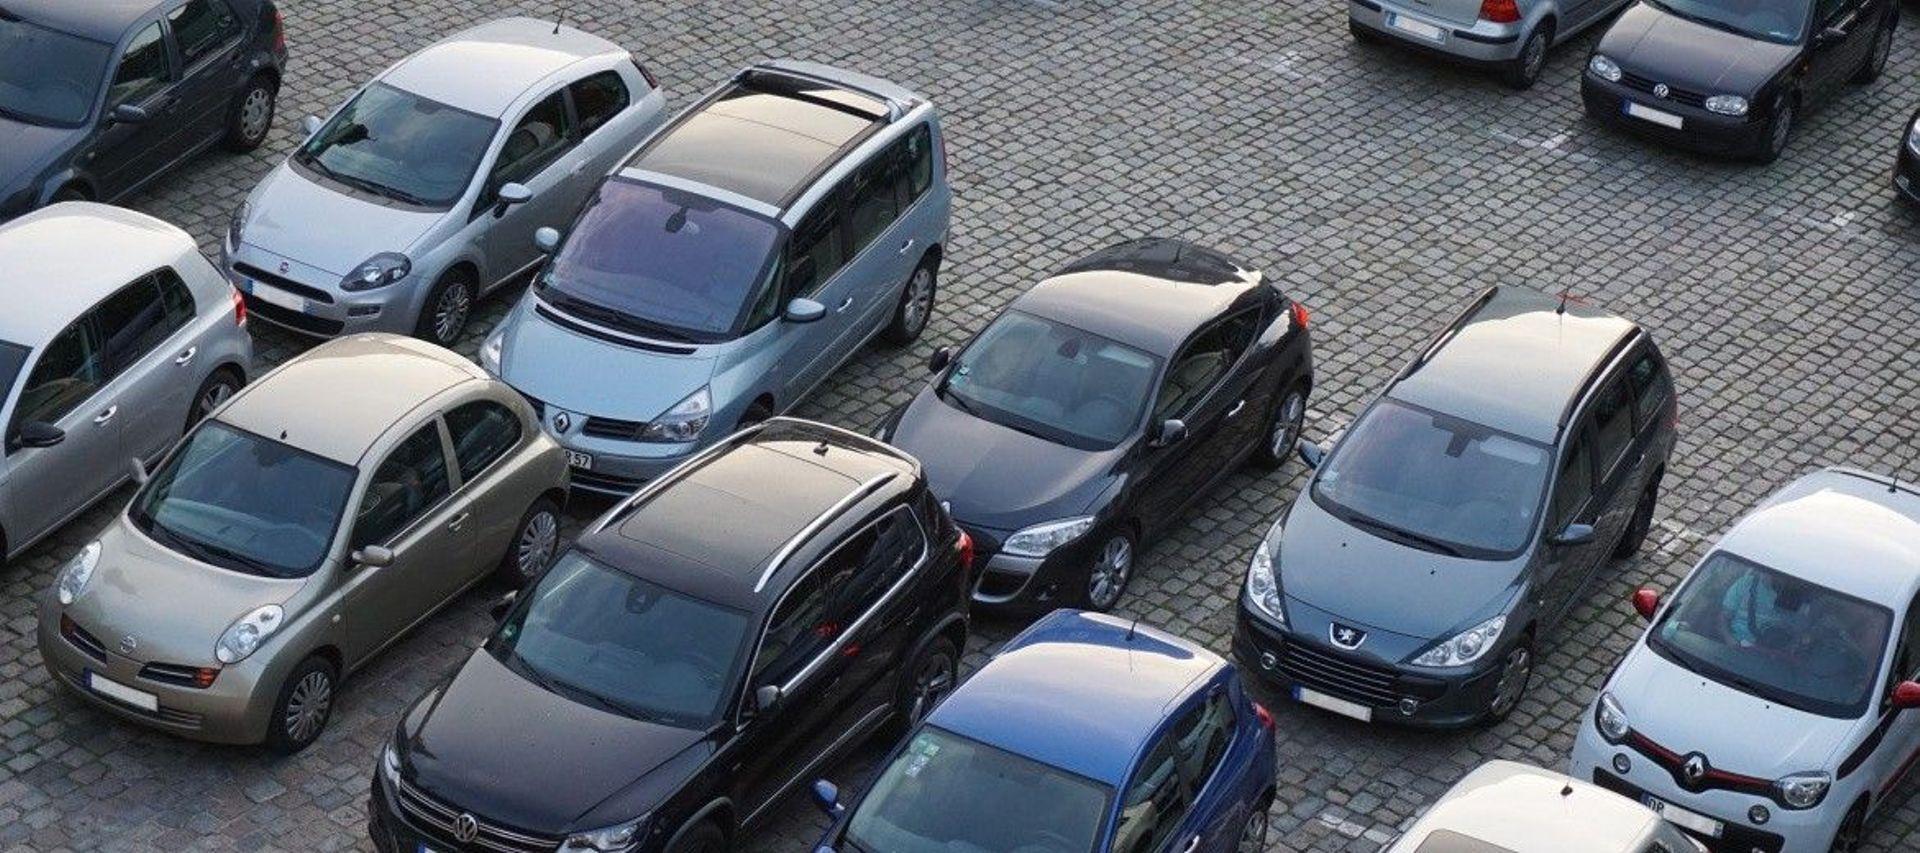 Wrocław: System Park&Ride w rozbudowie.  Mieszkańcy wskazują pożądane lokalizacje parkingów